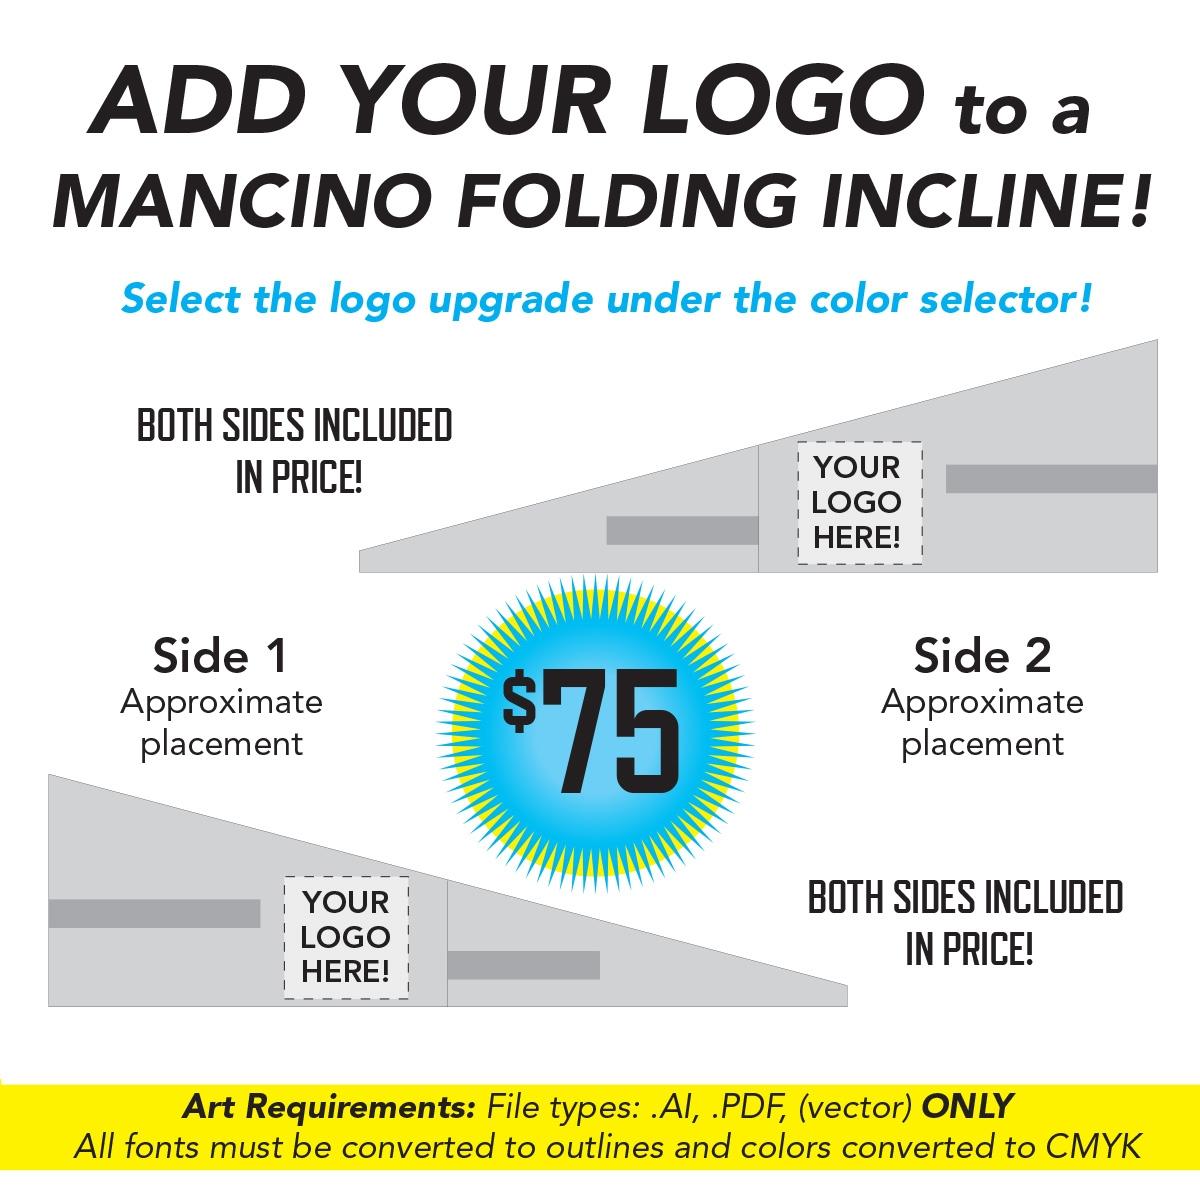 add your logo to a mancino folding incline/cheese/wedge mat - mancino mats